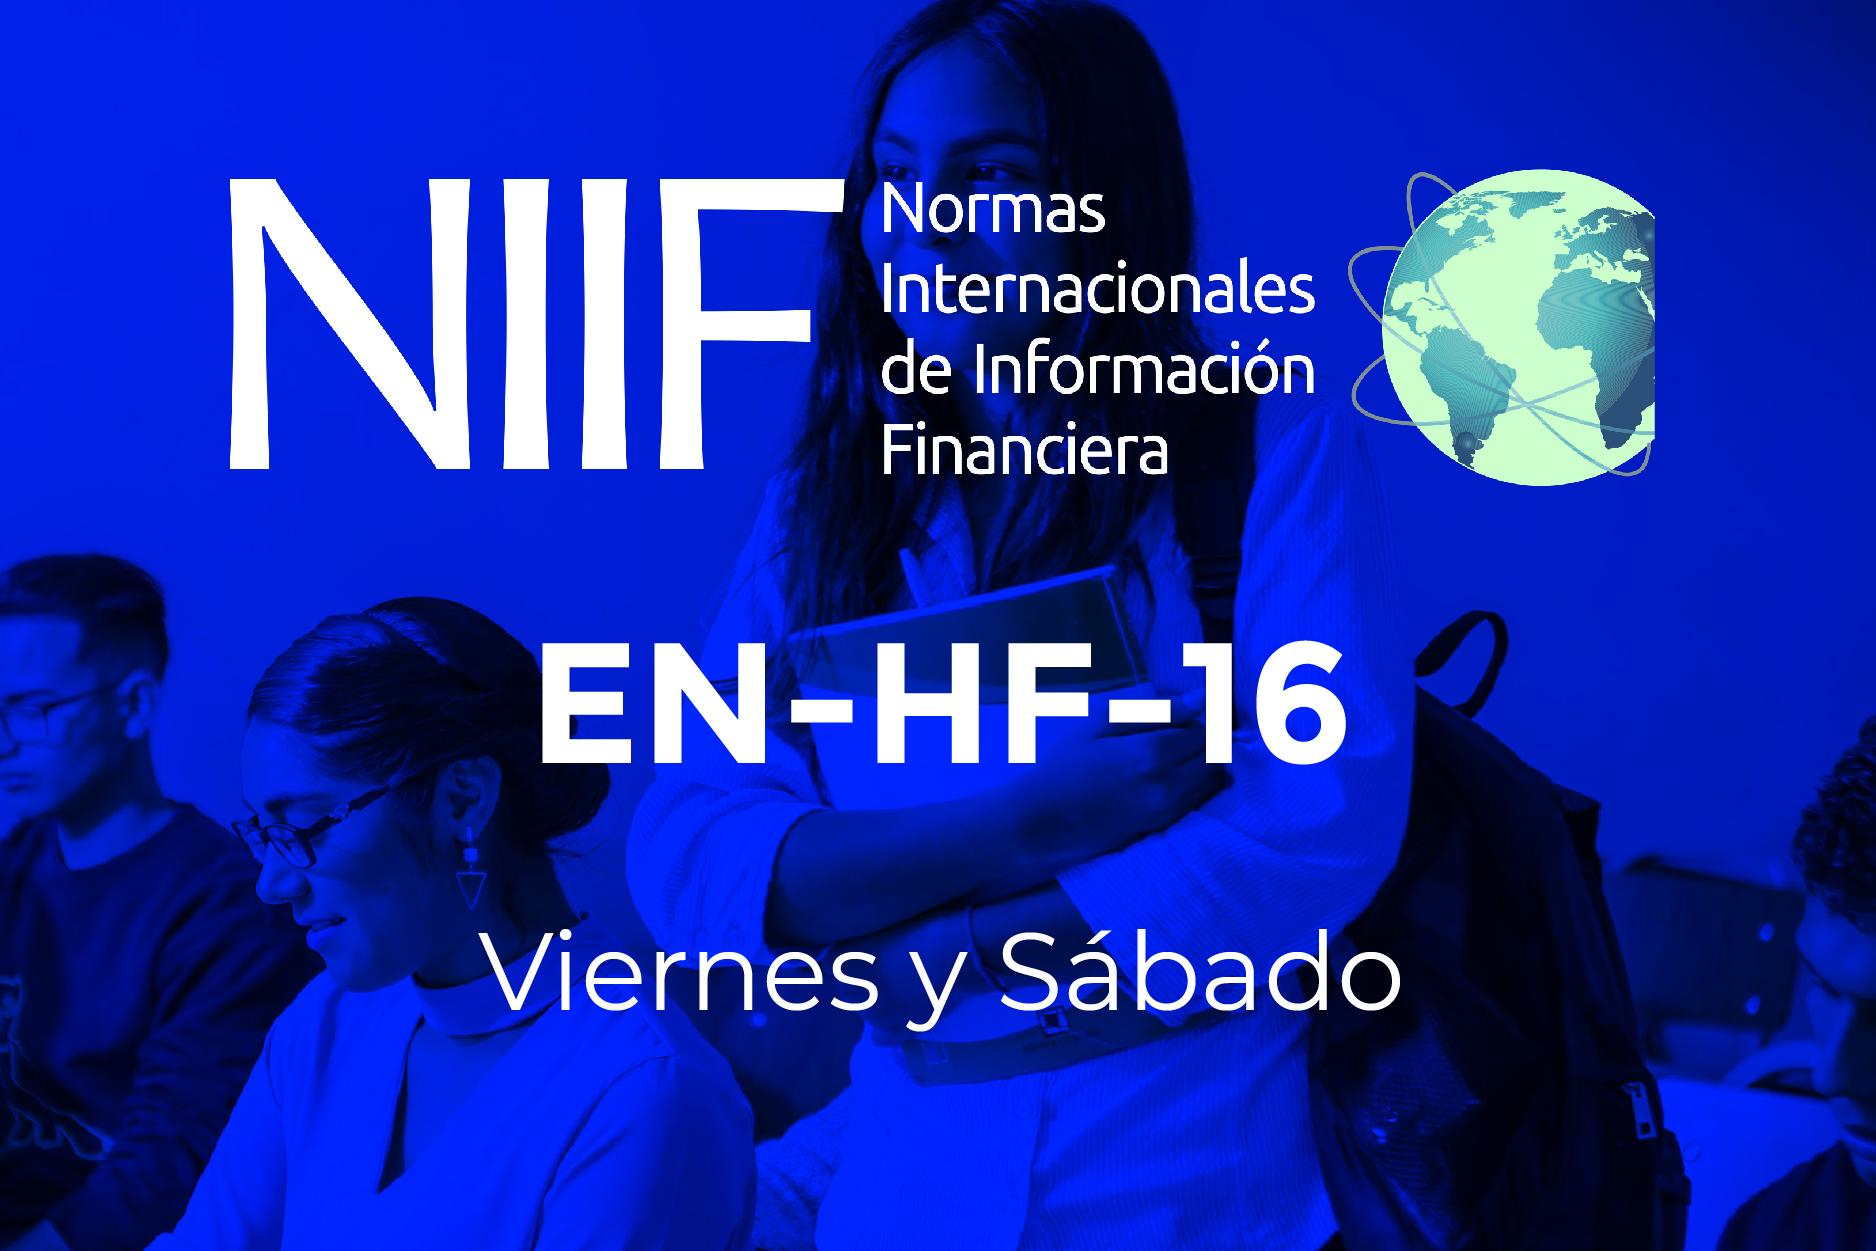 16 - NIIF - VIERNES Y SÁBADO